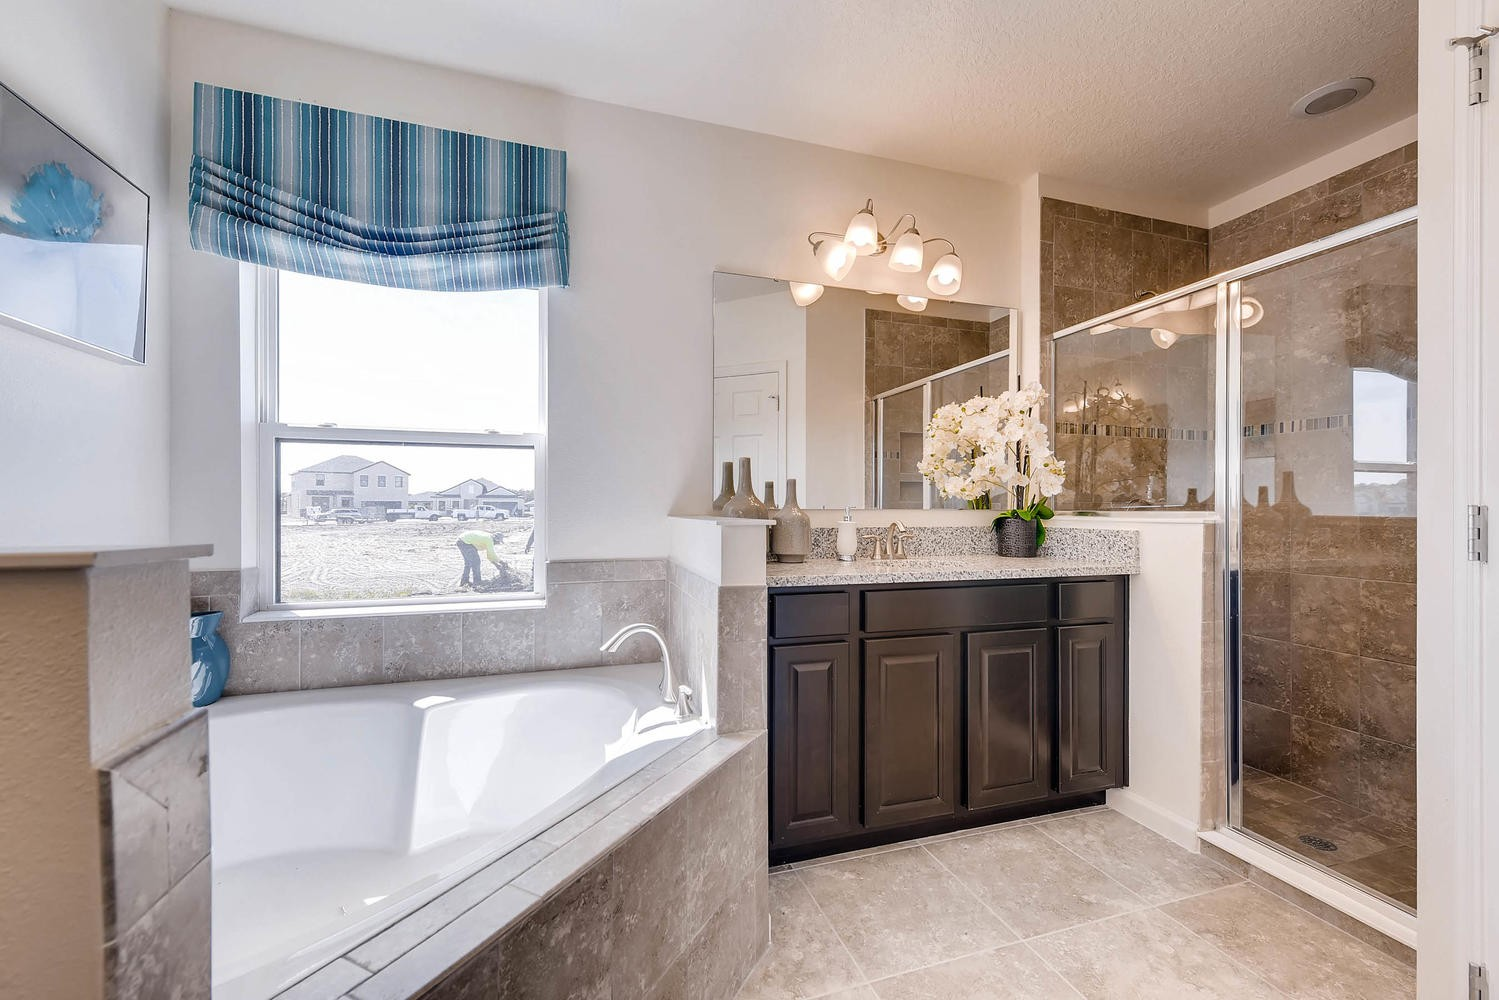 Glenhurst-large-011-8-Master Bathroom-1500x1000-72dpi.jpeg